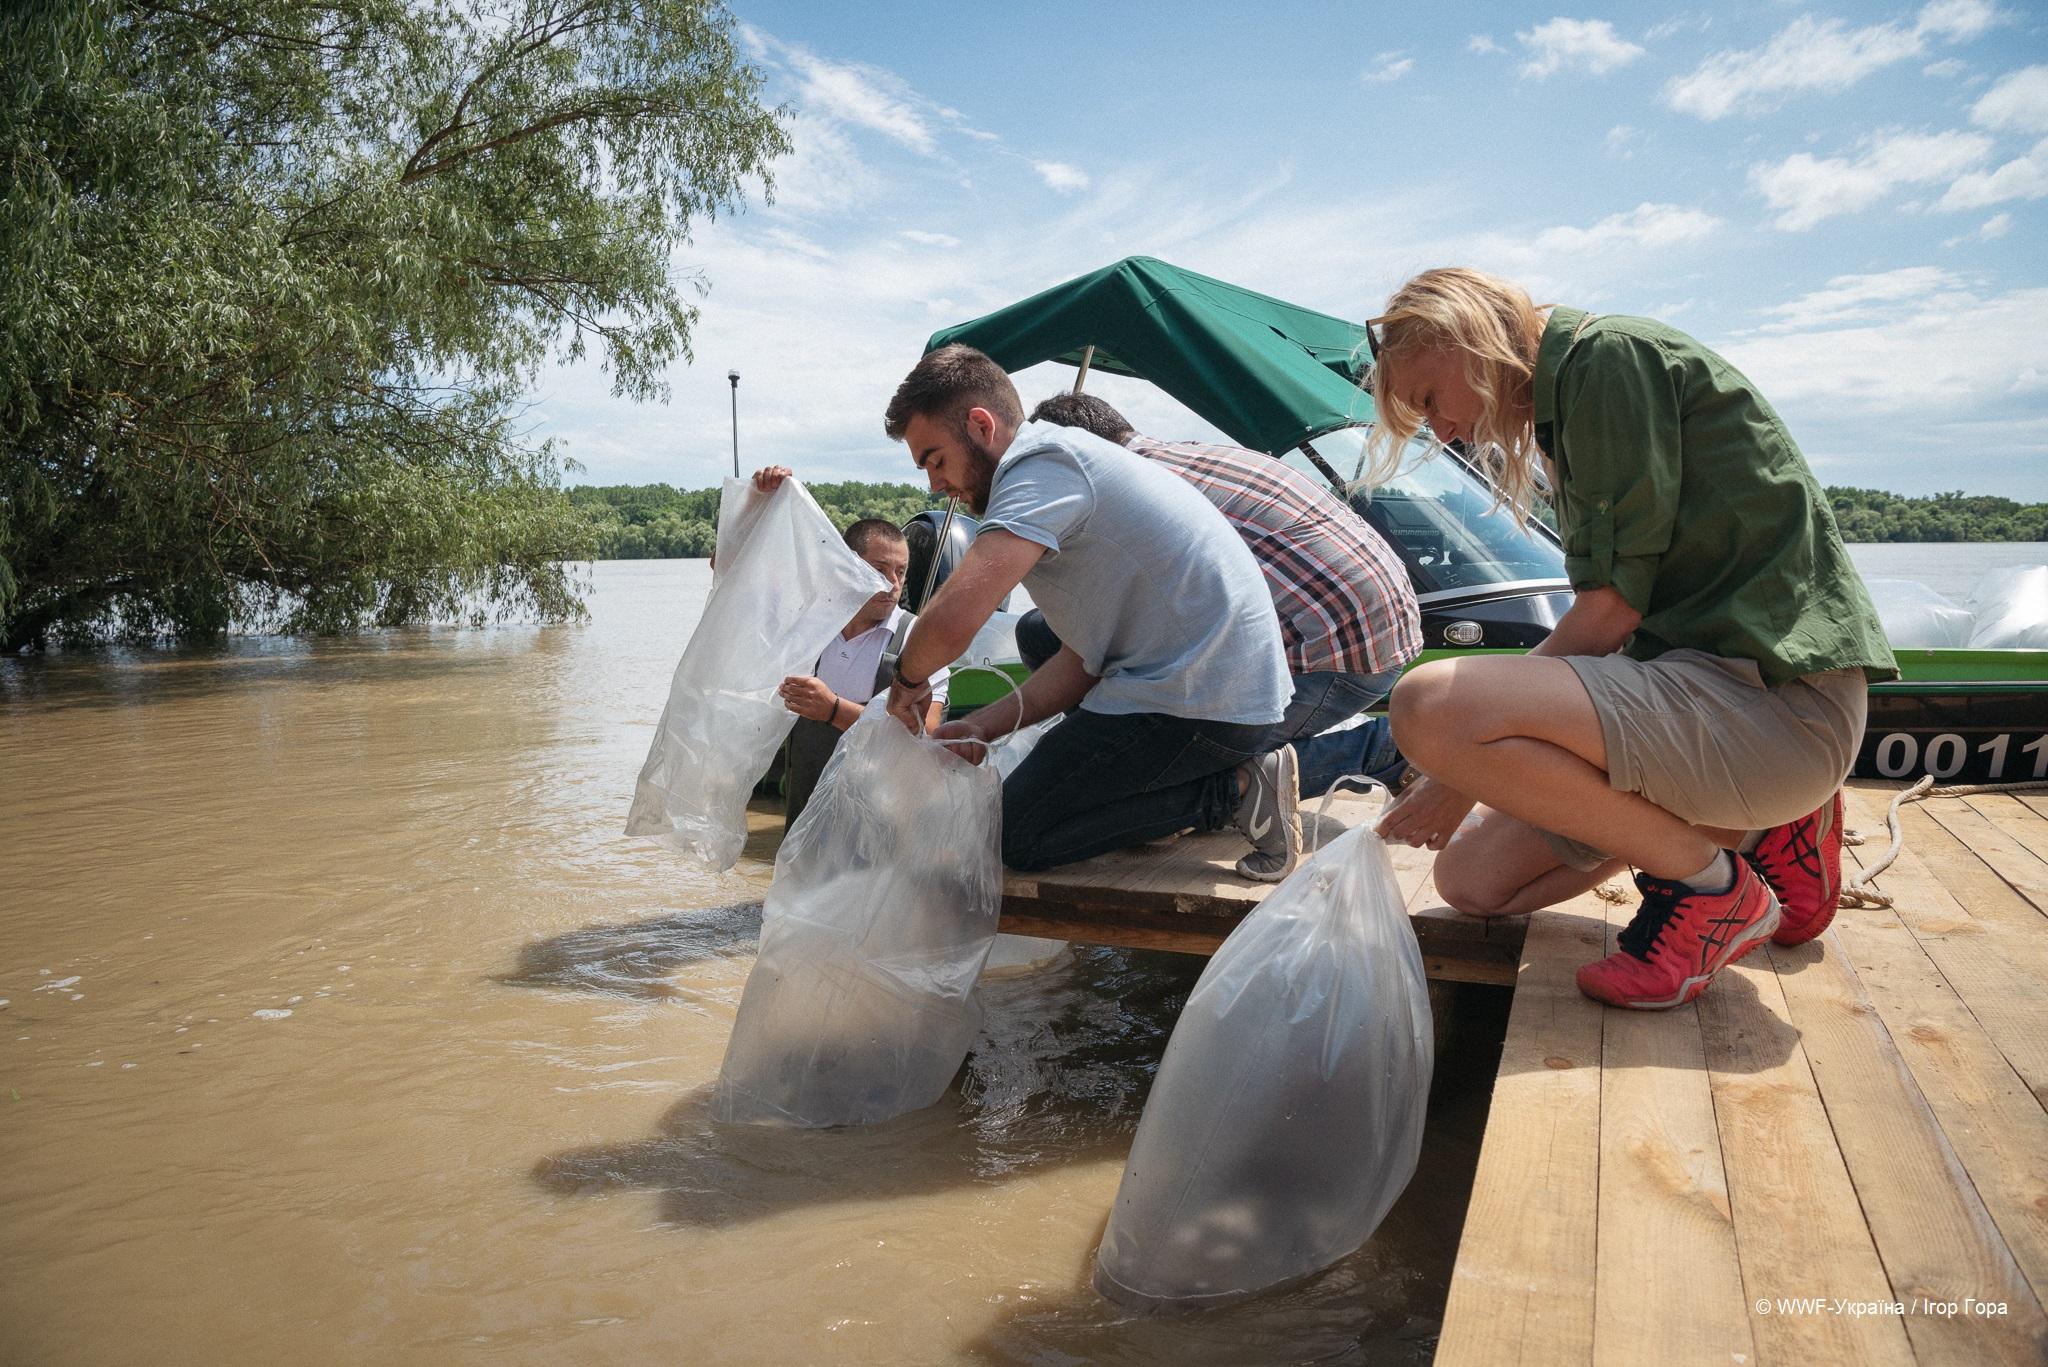 В Дунай выпустили 10 тысяч мальков стерляди, чтобы восстановить популяцию